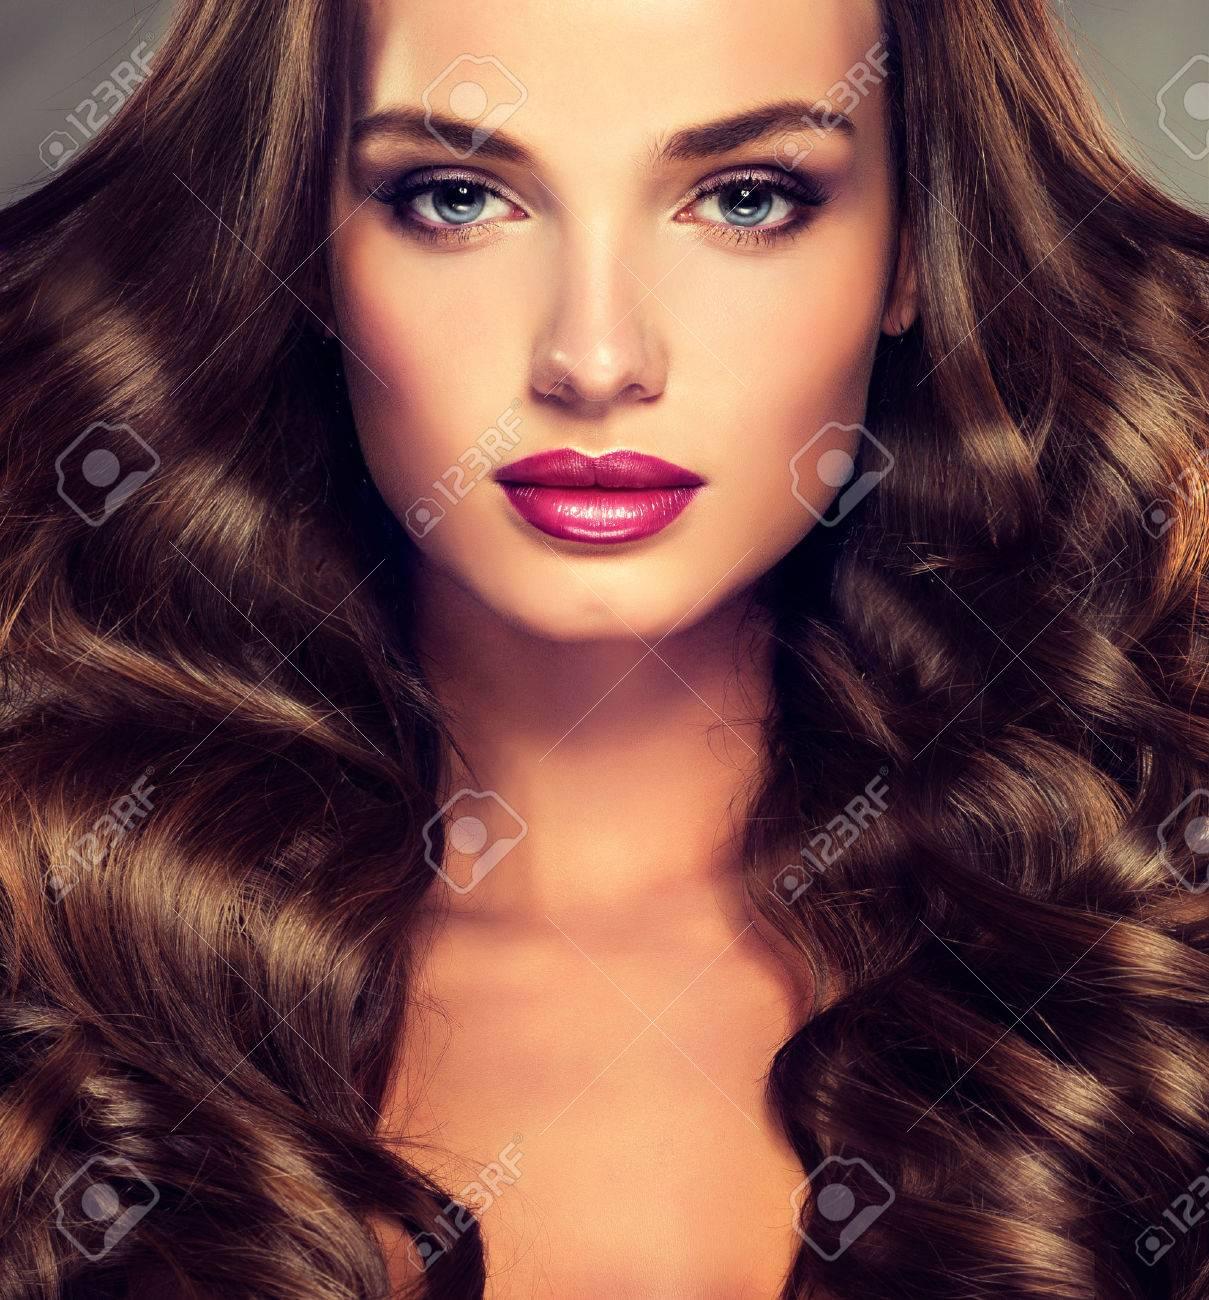 Schöne Junge Mädchen Model Mit Dichtem Lockigem Haar Helle